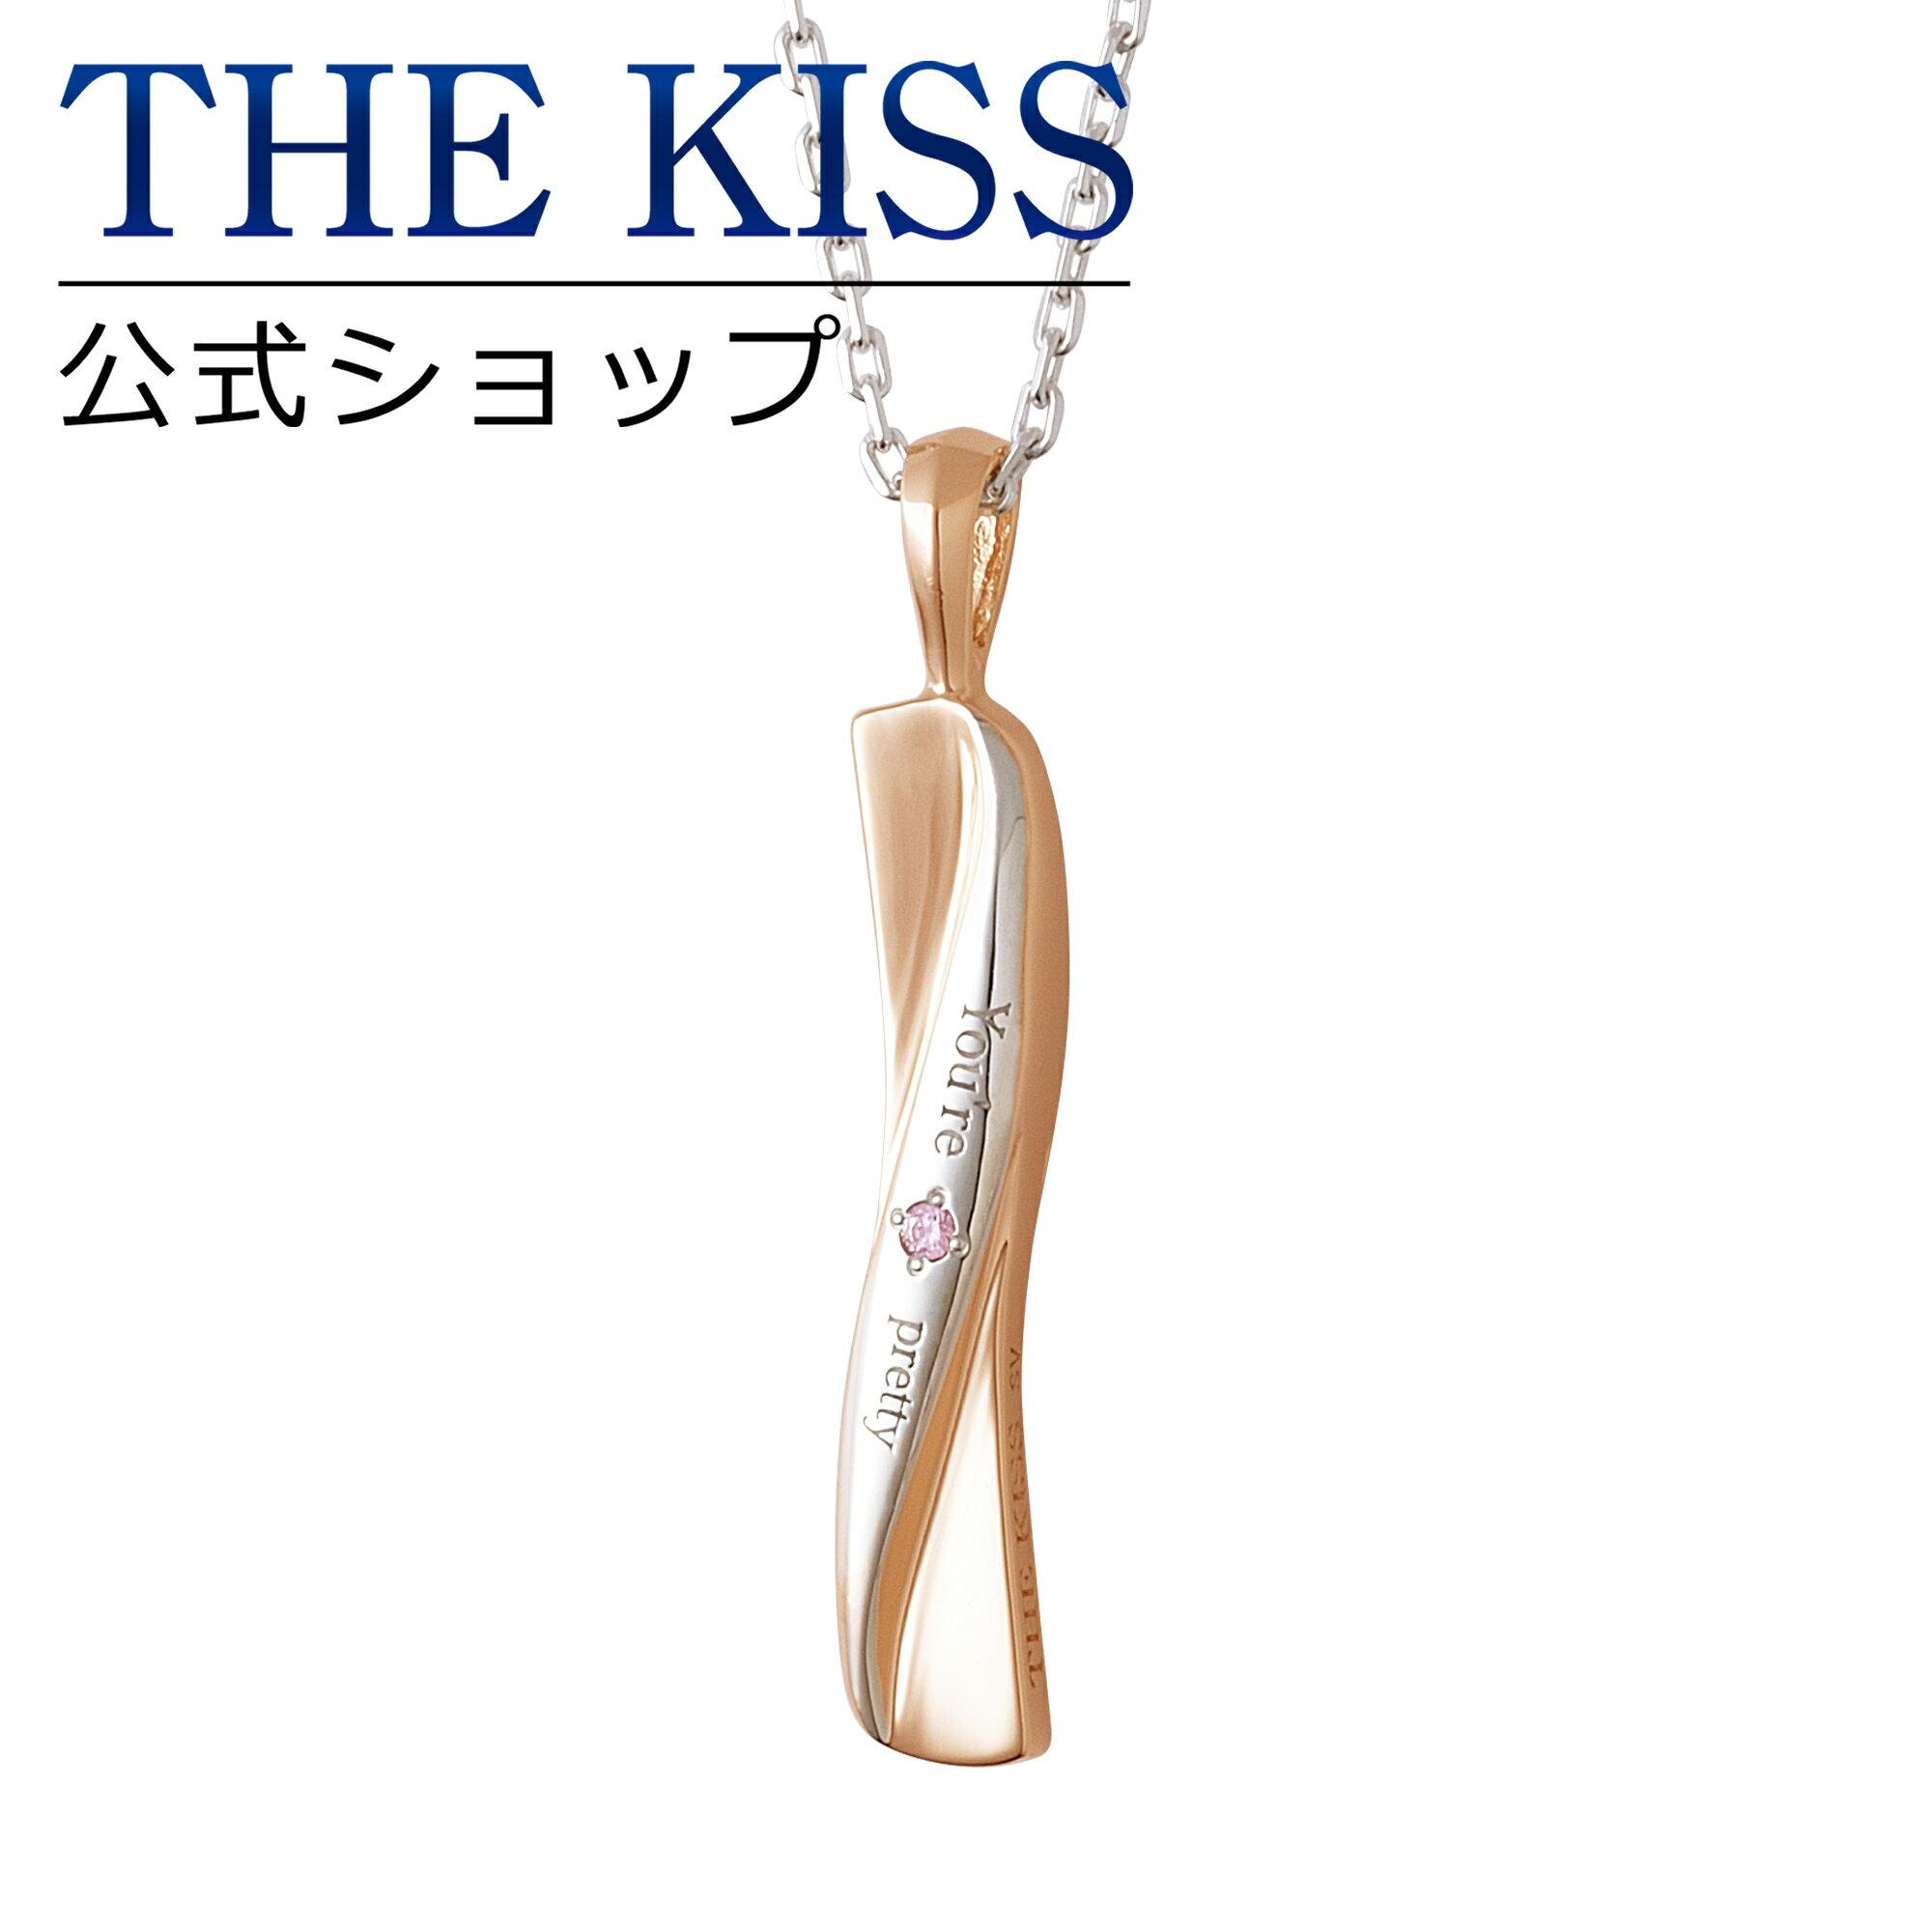 ペアアクセサリー, ペアネックレス・ペンダント THE KISS8 pair necklaceEVANGELION